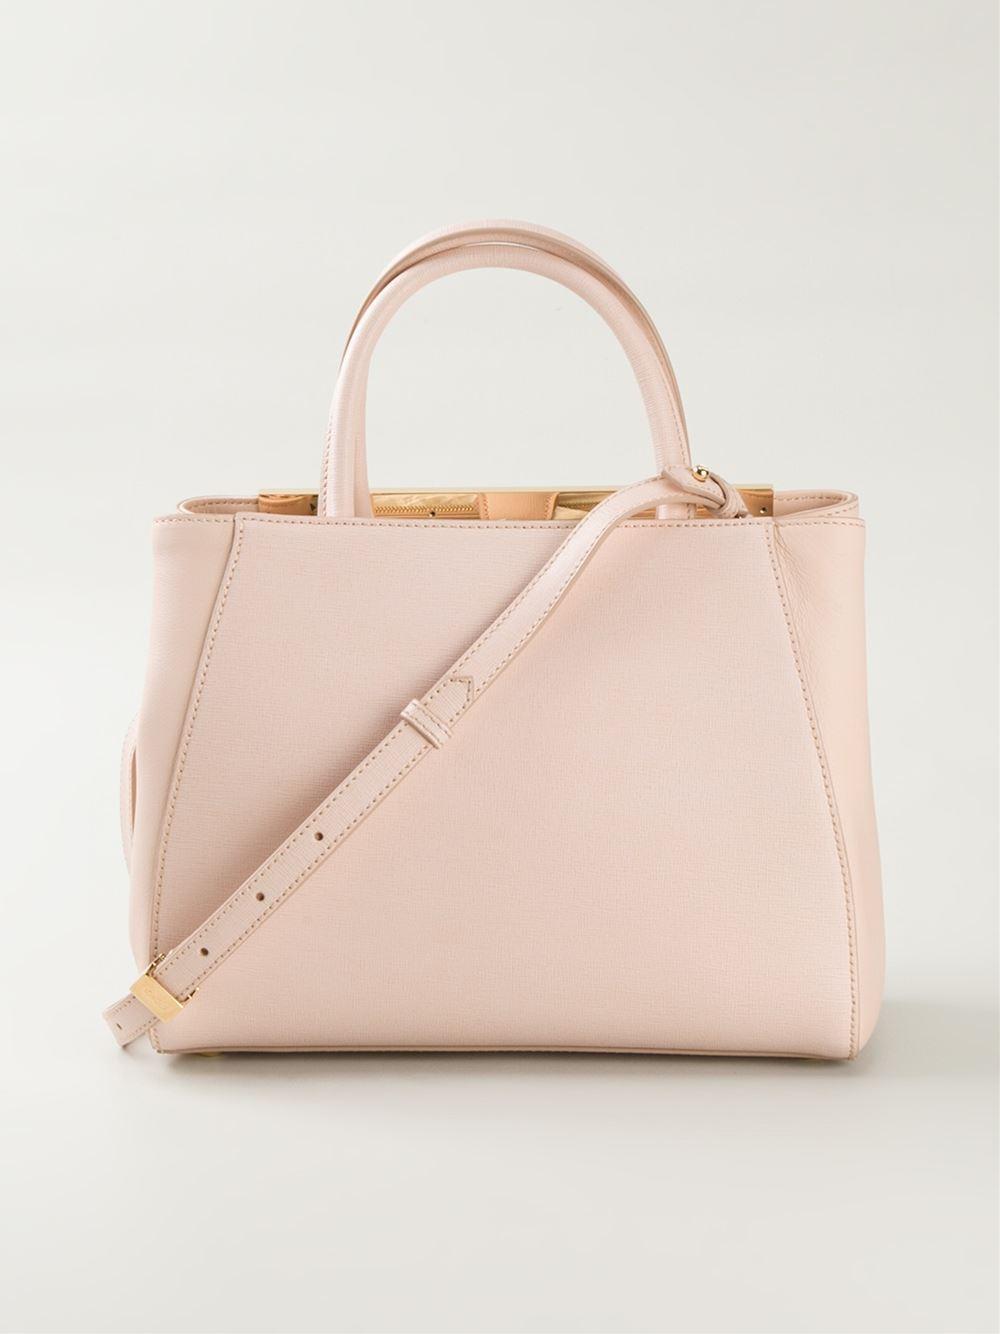 Fendi Mini 2Jours Calf-Leather Tote in Pink - Lyst cfcb98004e03d